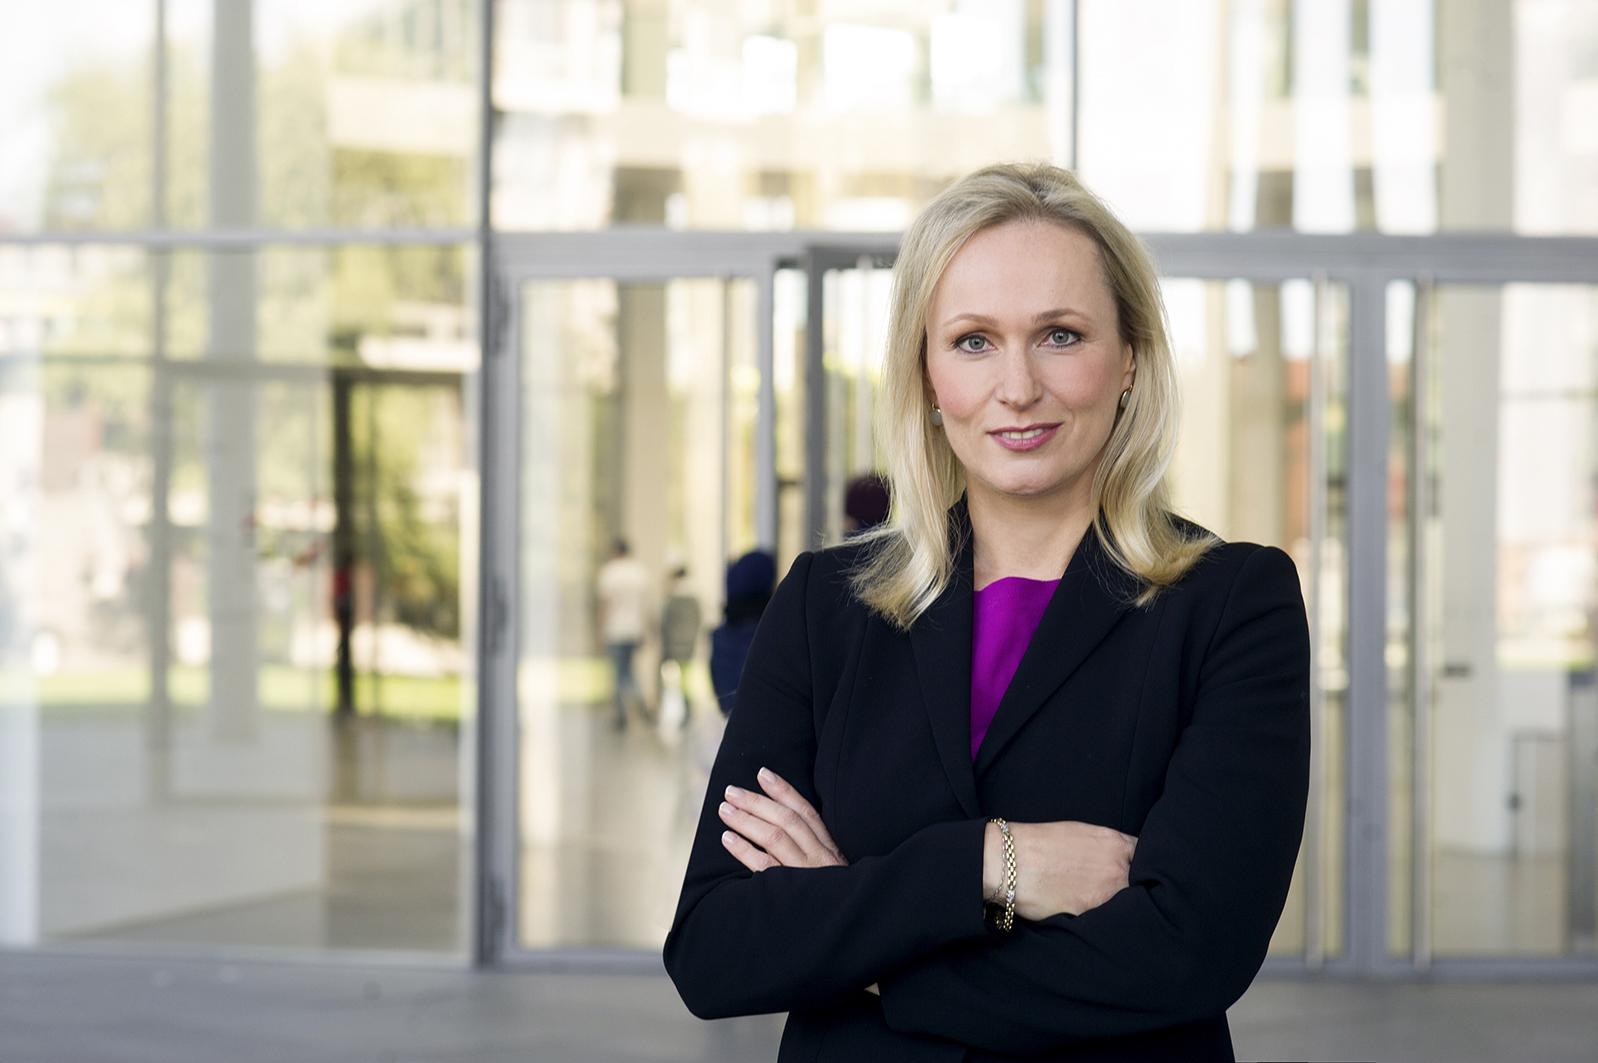 Melanie Schneider, Erbrecht, Steuerrecht, Gesellschaftsrecht